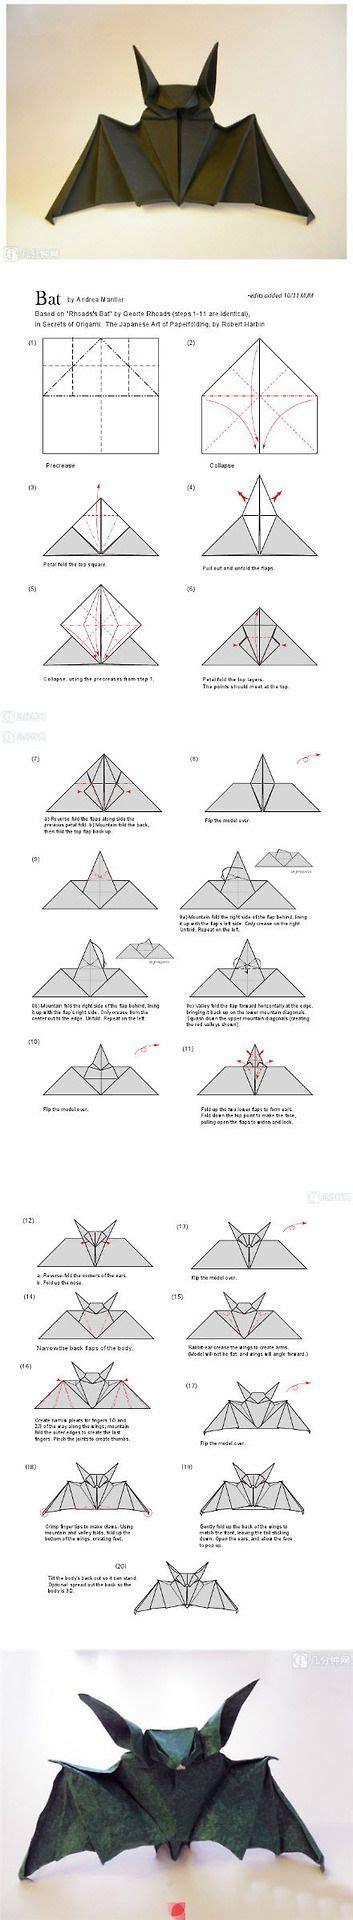 bat origami origami bat crafts ideas bats